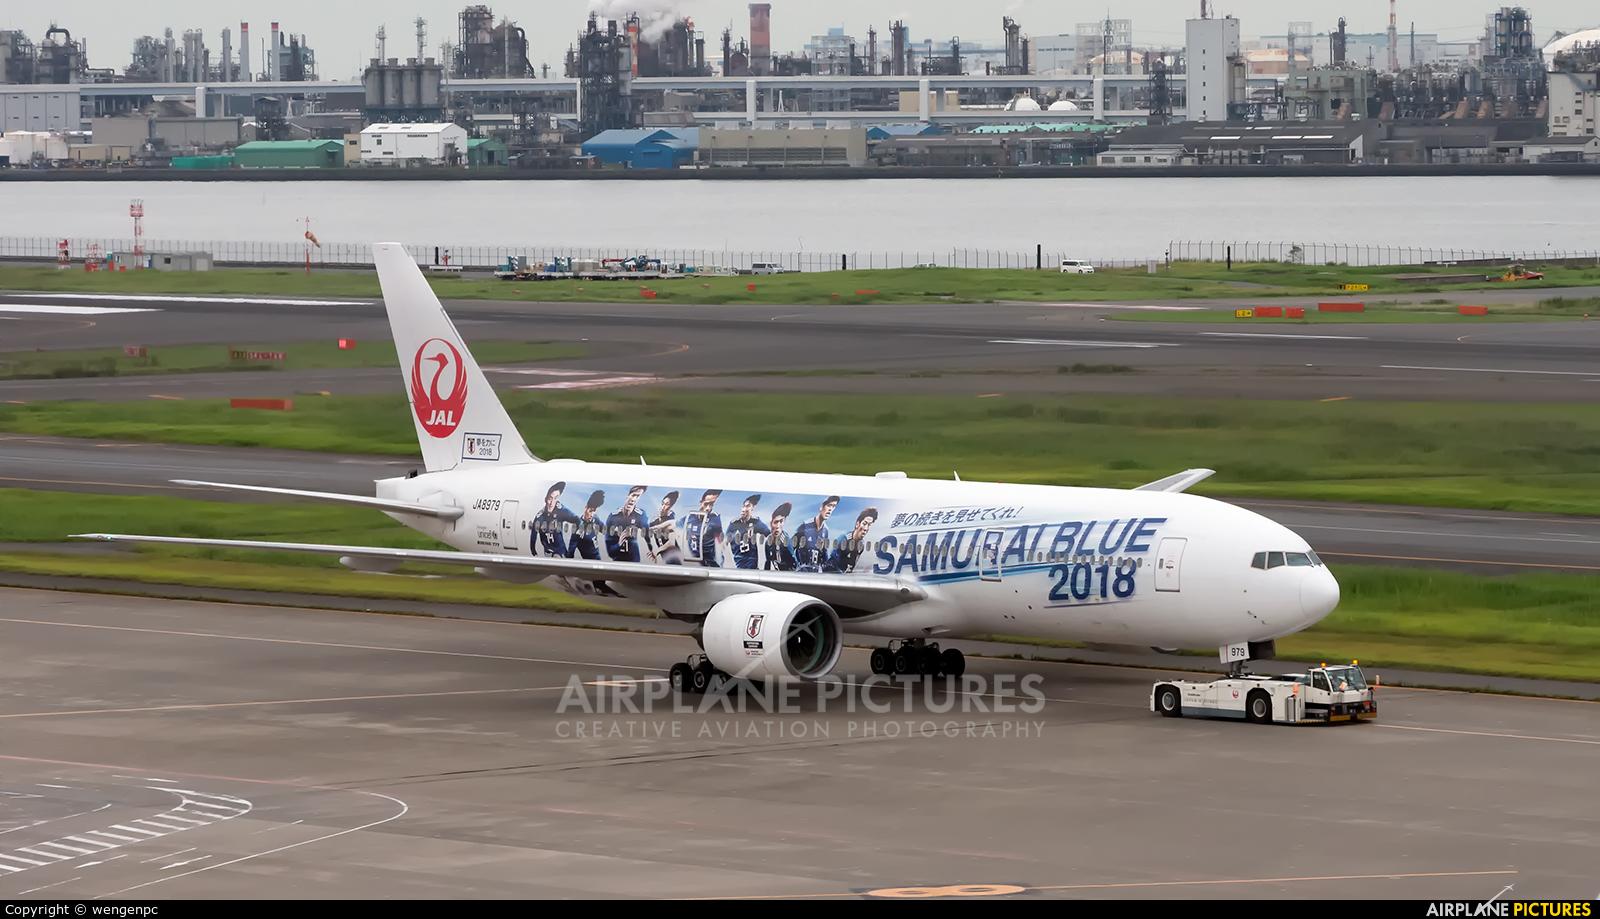 JAL - Japan Airlines JA8979 aircraft at Tokyo - Narita Intl